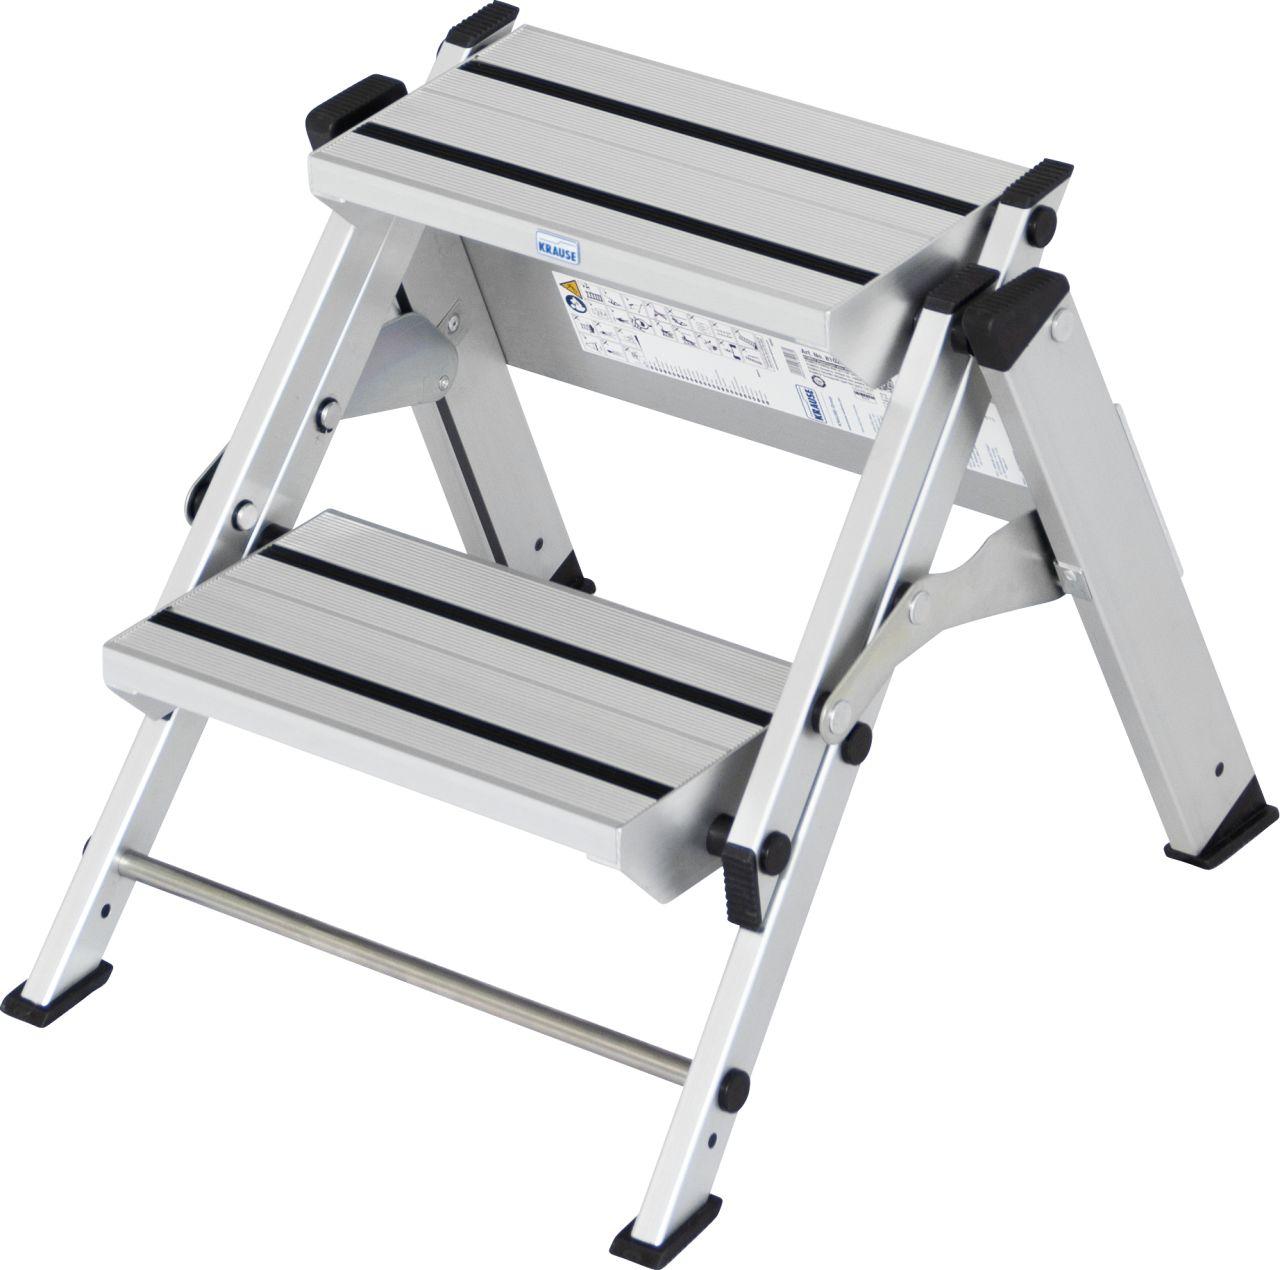 Klapptreppe. Robuste zusammenklappbare Aluminium-Treppe mit großen Stufen für sicheren Auf- und Abstieg sowie bequemem Stand für die unterschiedlichsten Tätigkeiten.